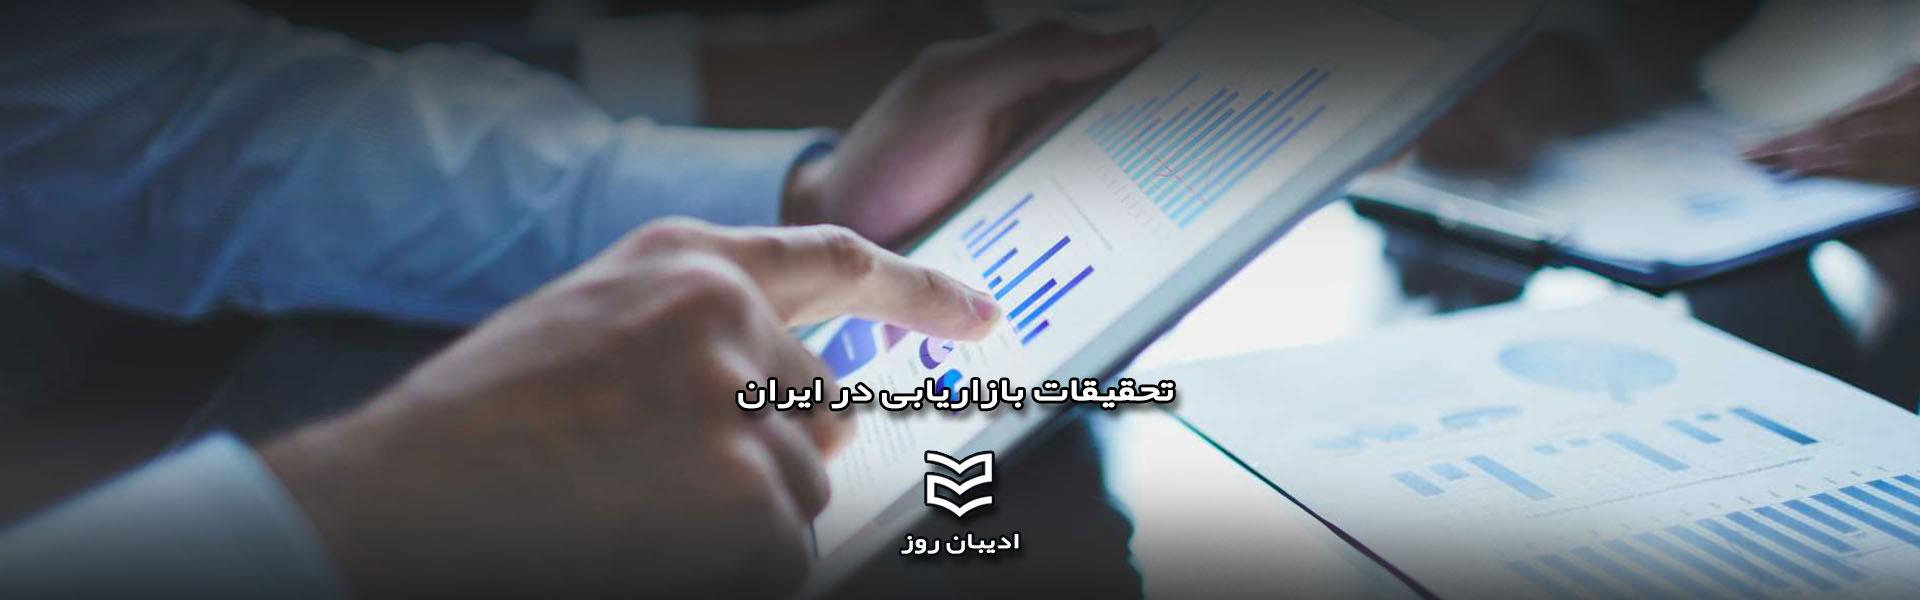 تحقیقات بازاریابی در ایران